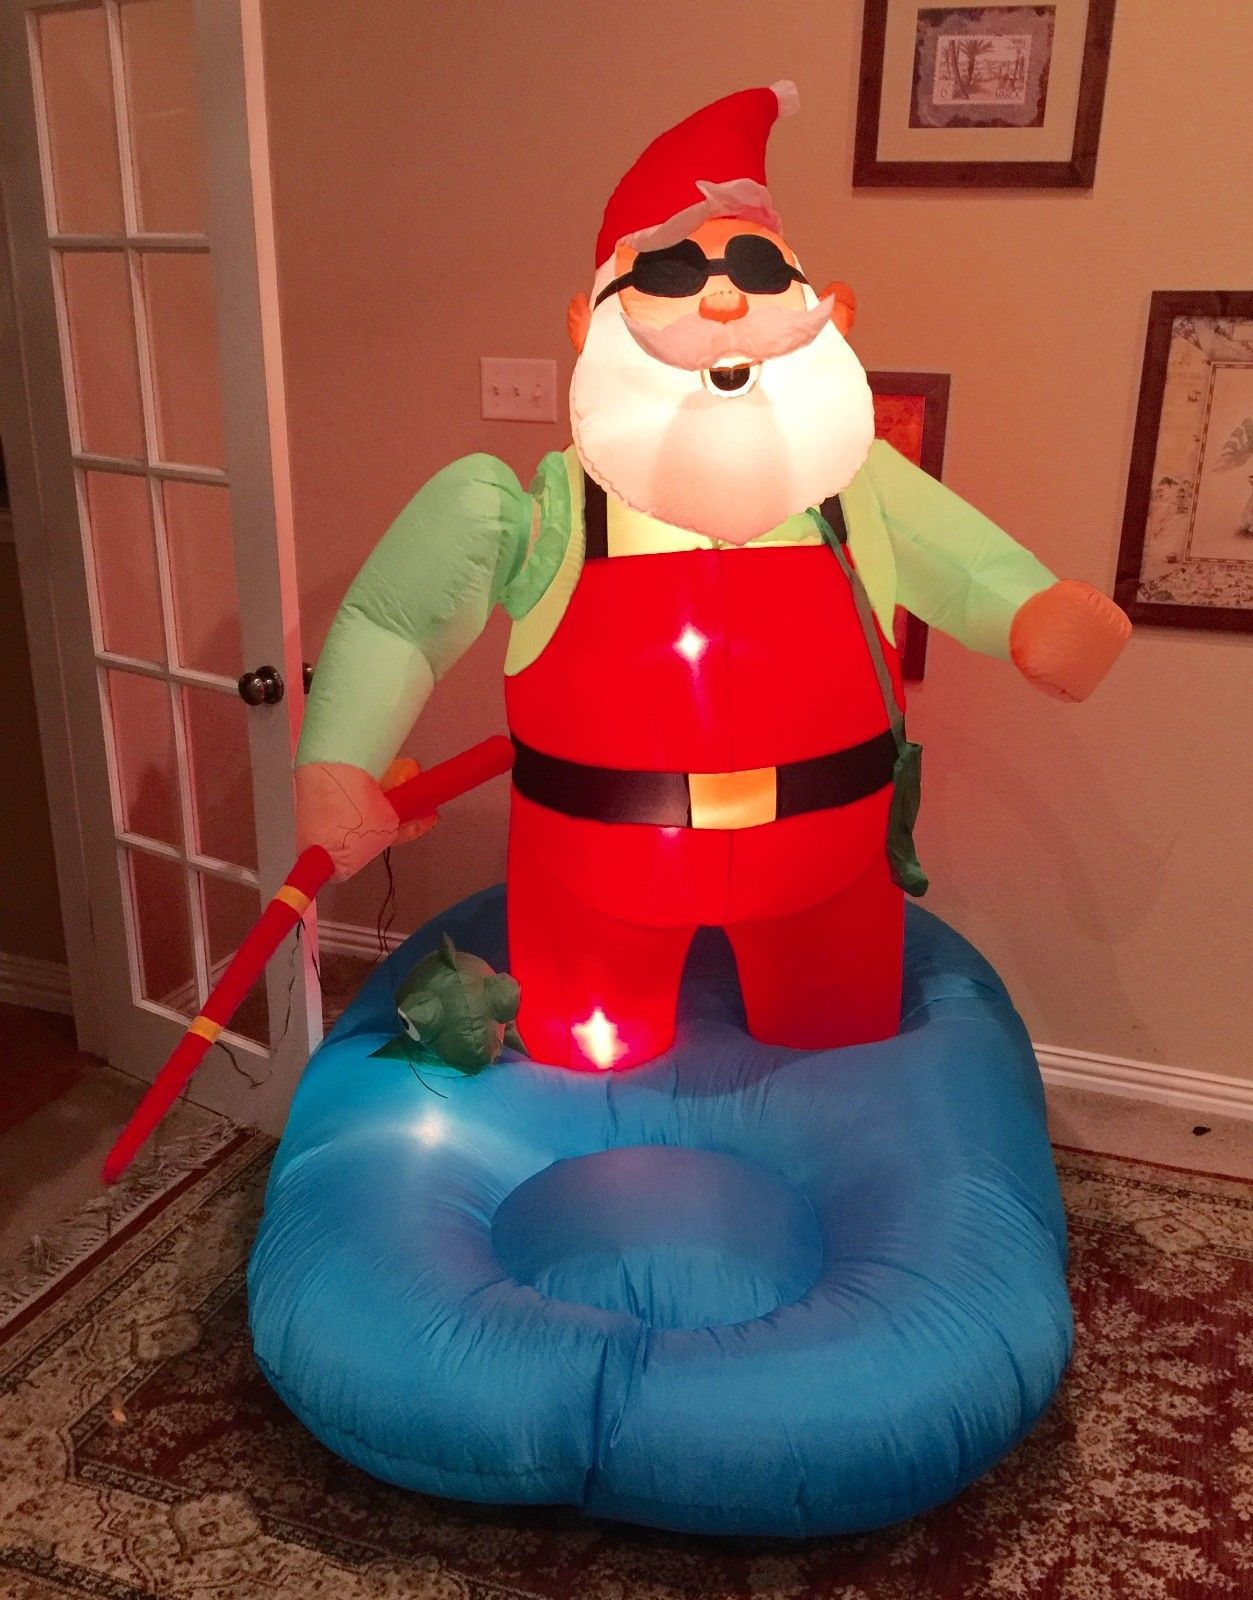 Image gemmy prototype christmas santa fishing inflatable